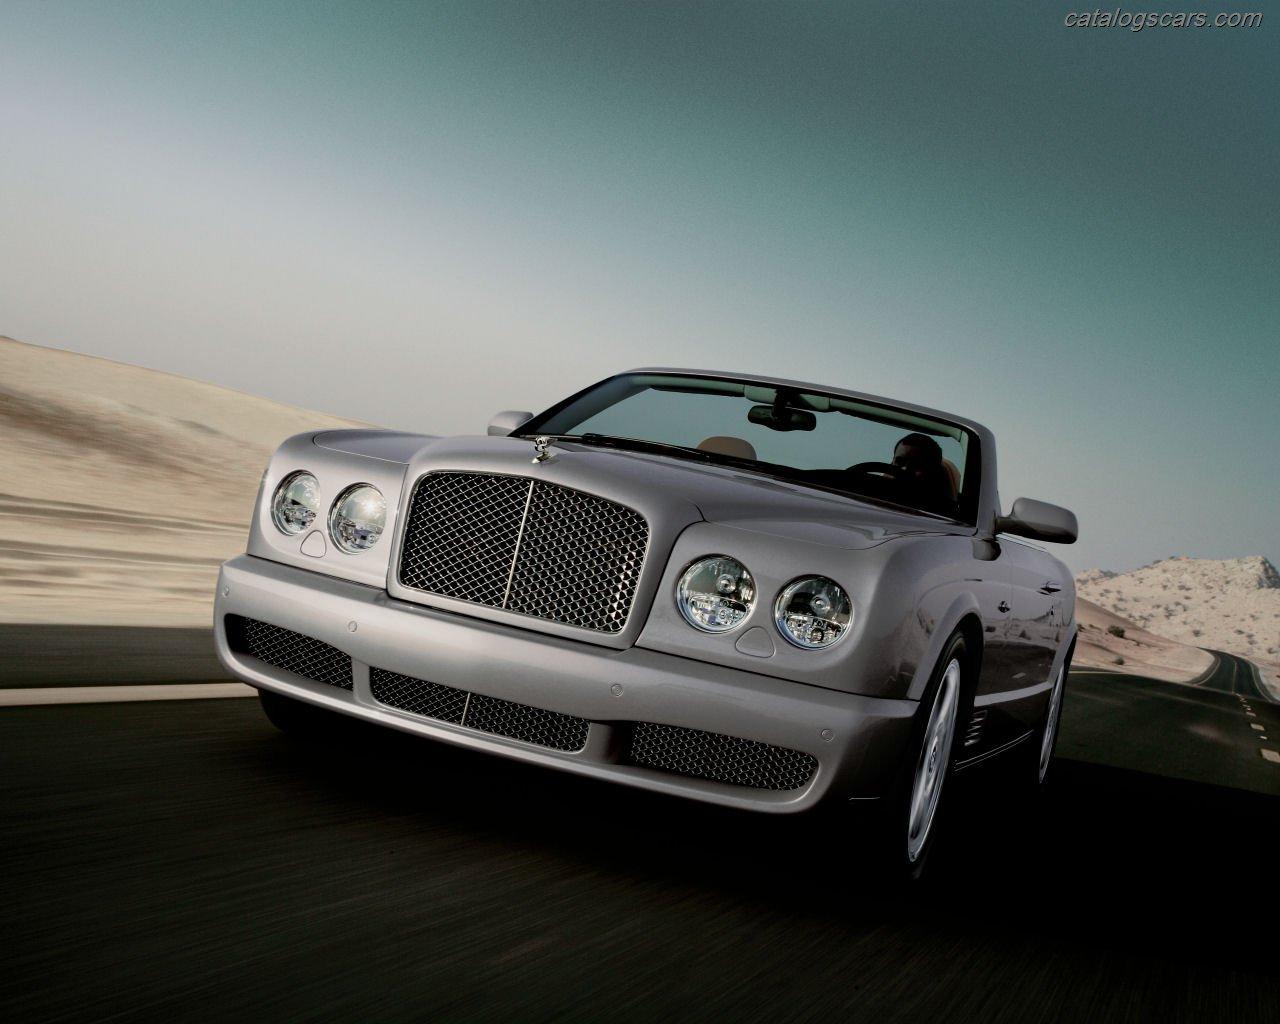 صور سيارة بنتلى ازور 2014 - اجمل خلفيات صور عربية بنتلى ازور 2014 - Bentley Azure Photos Bentley-Azure-2011-02.jpg